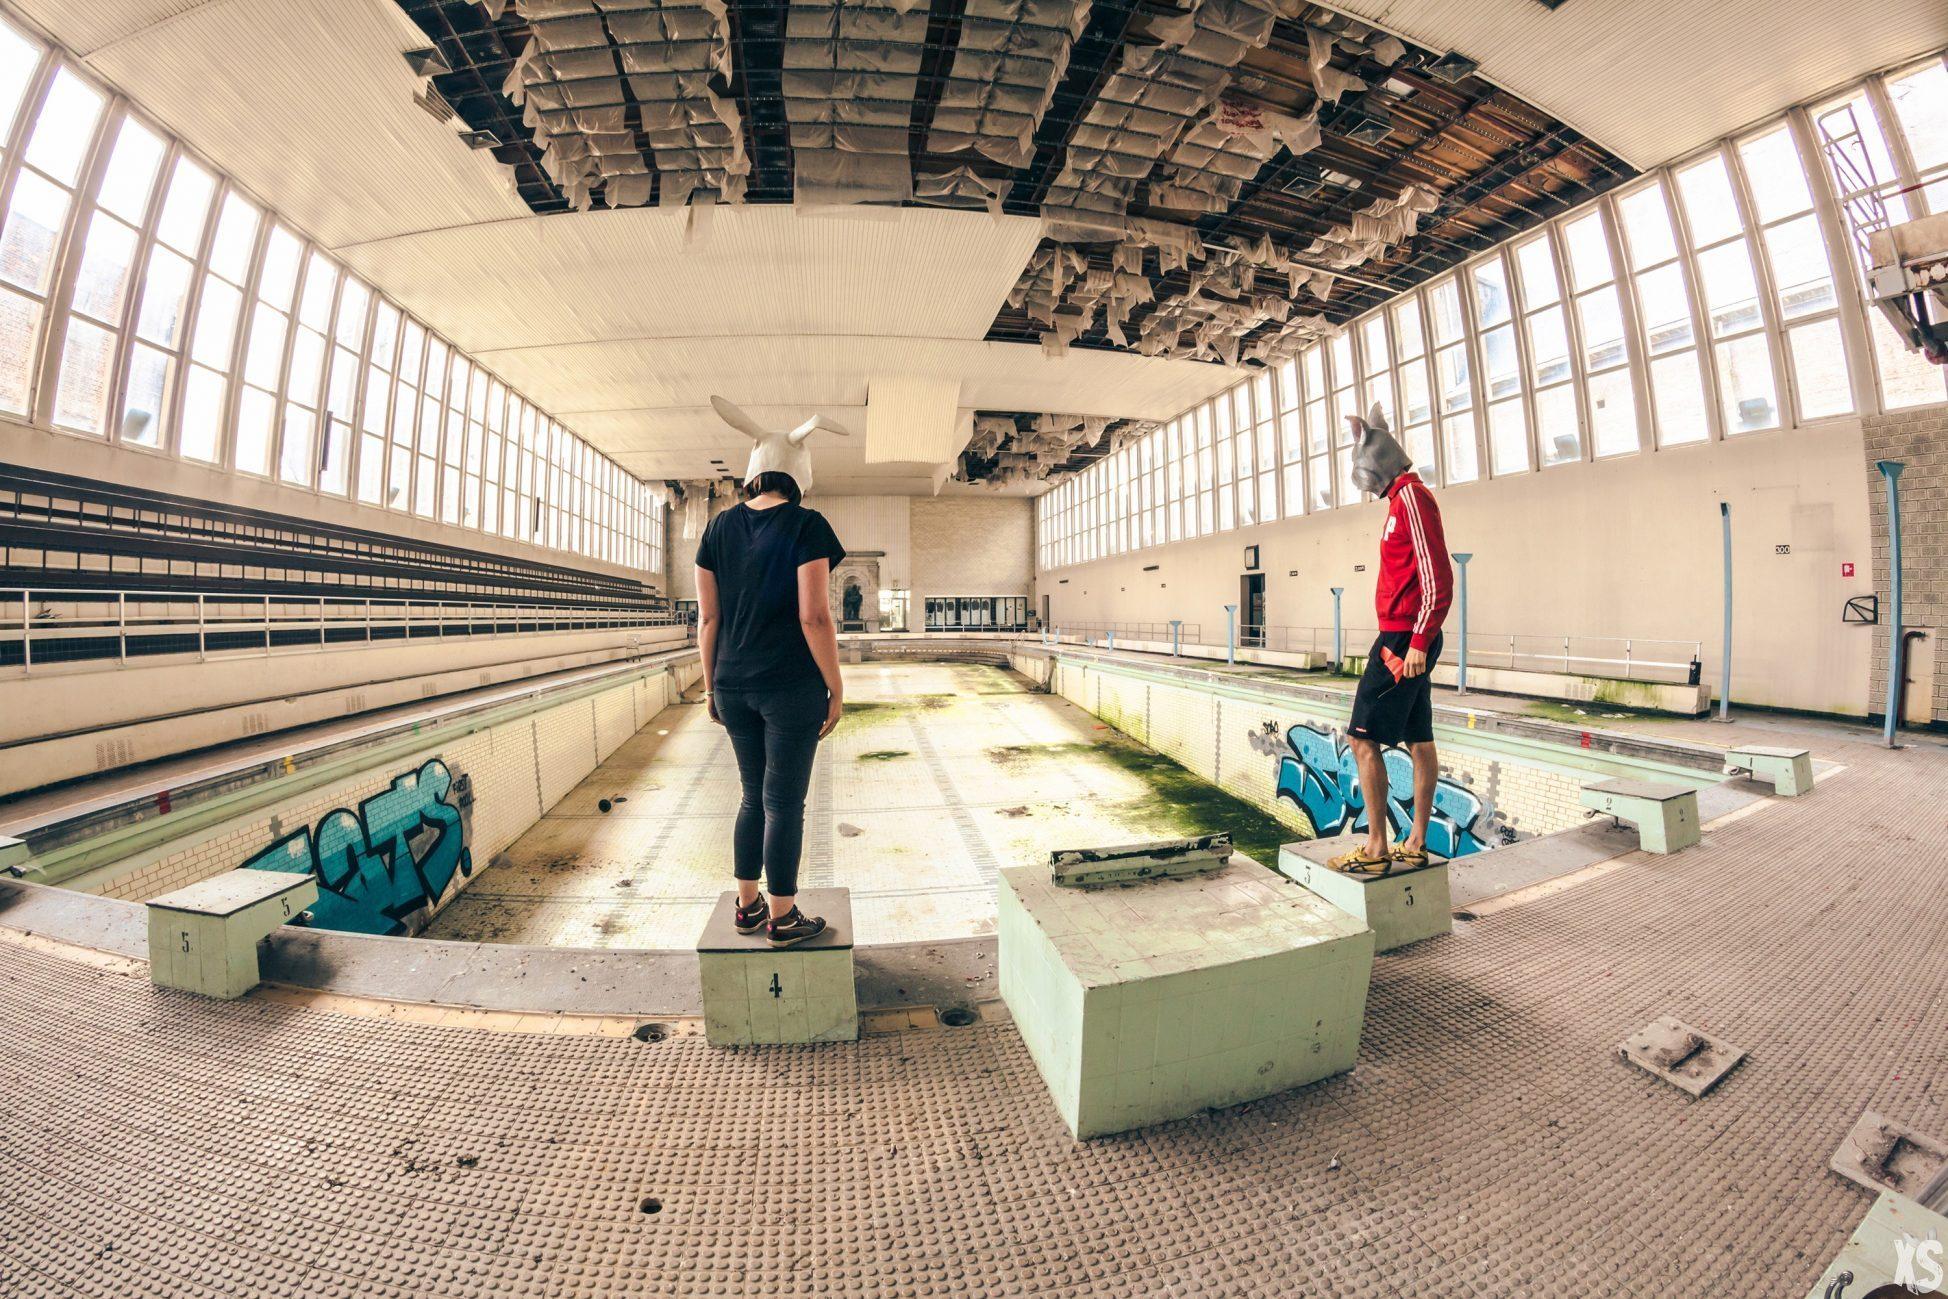 Magnifique piscine abandonnée dans la ville de Malines en Belgique